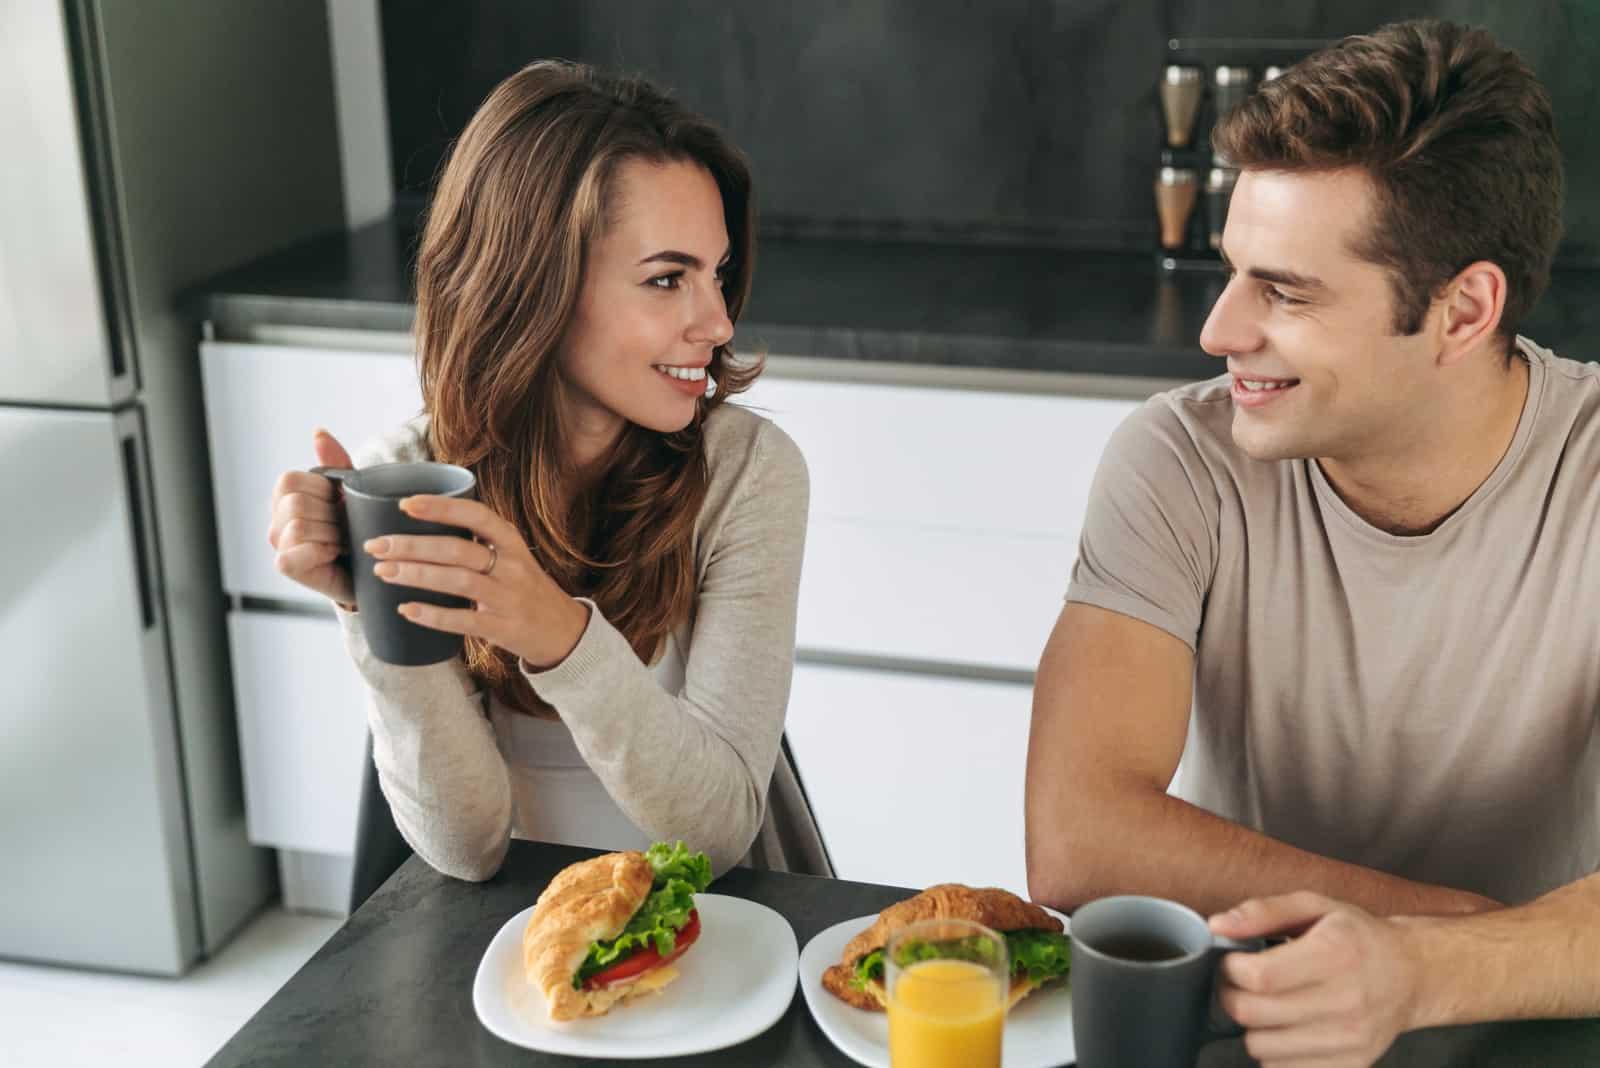 ein Mann und eine Frau sitzen beim Frühstück an einem Tisch und unterhalten sich